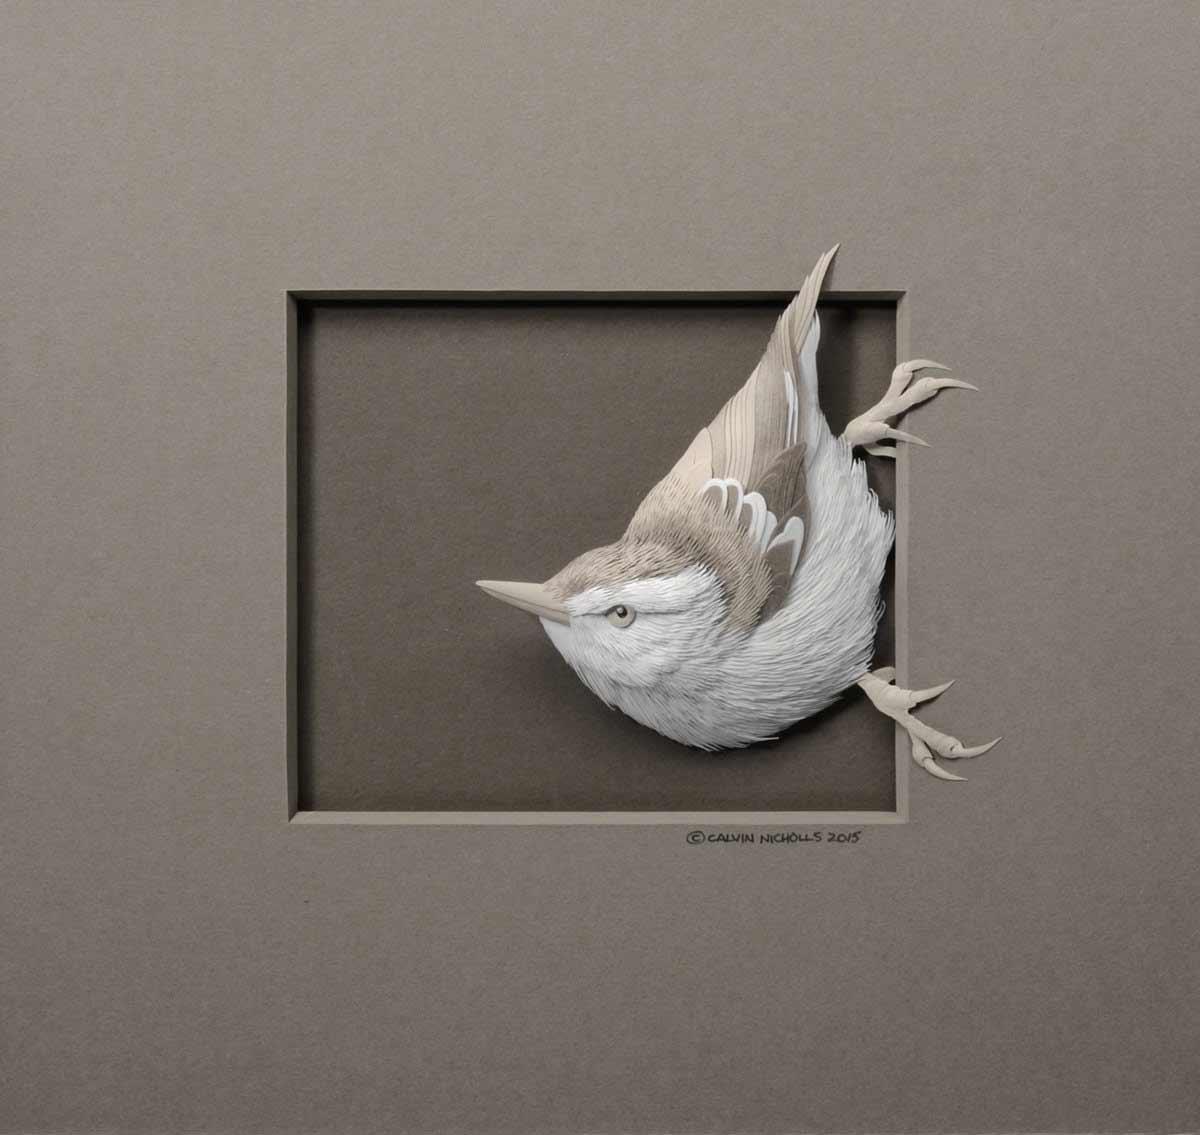 Neue Papierskulpturen von Calvin Nicholls